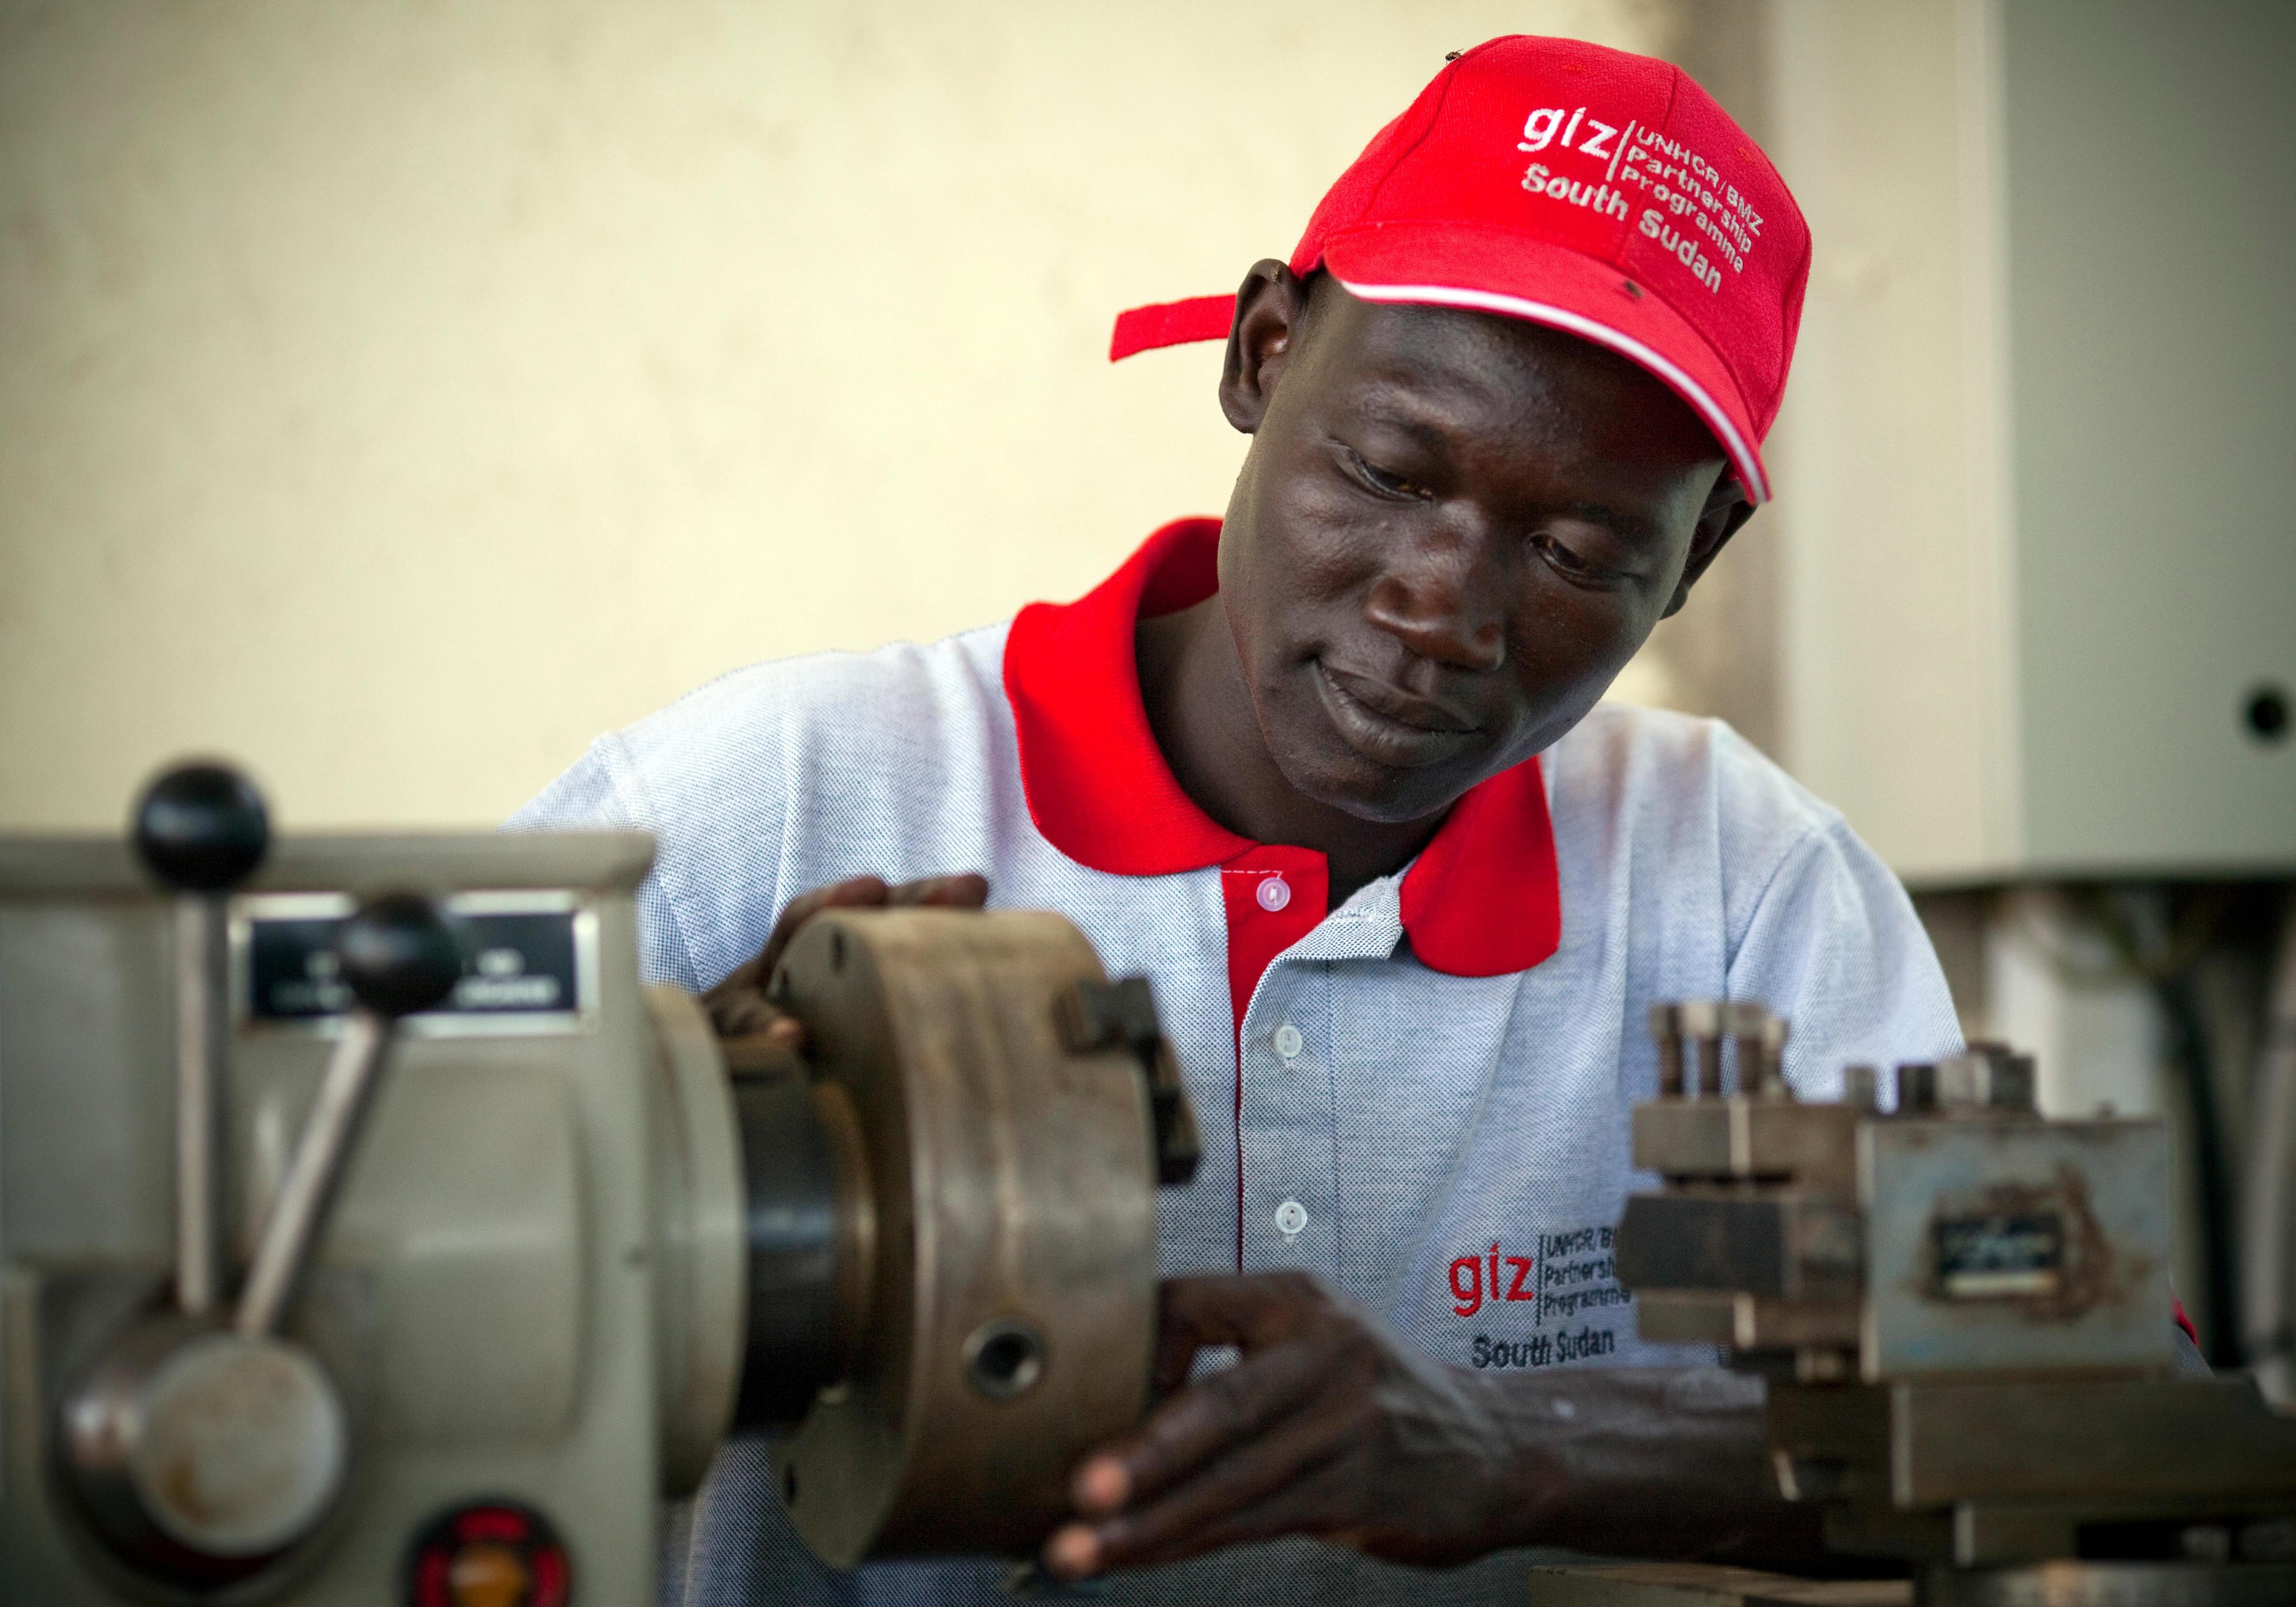 Auszubildender in einer Trainingswerkstatt im Südsudan